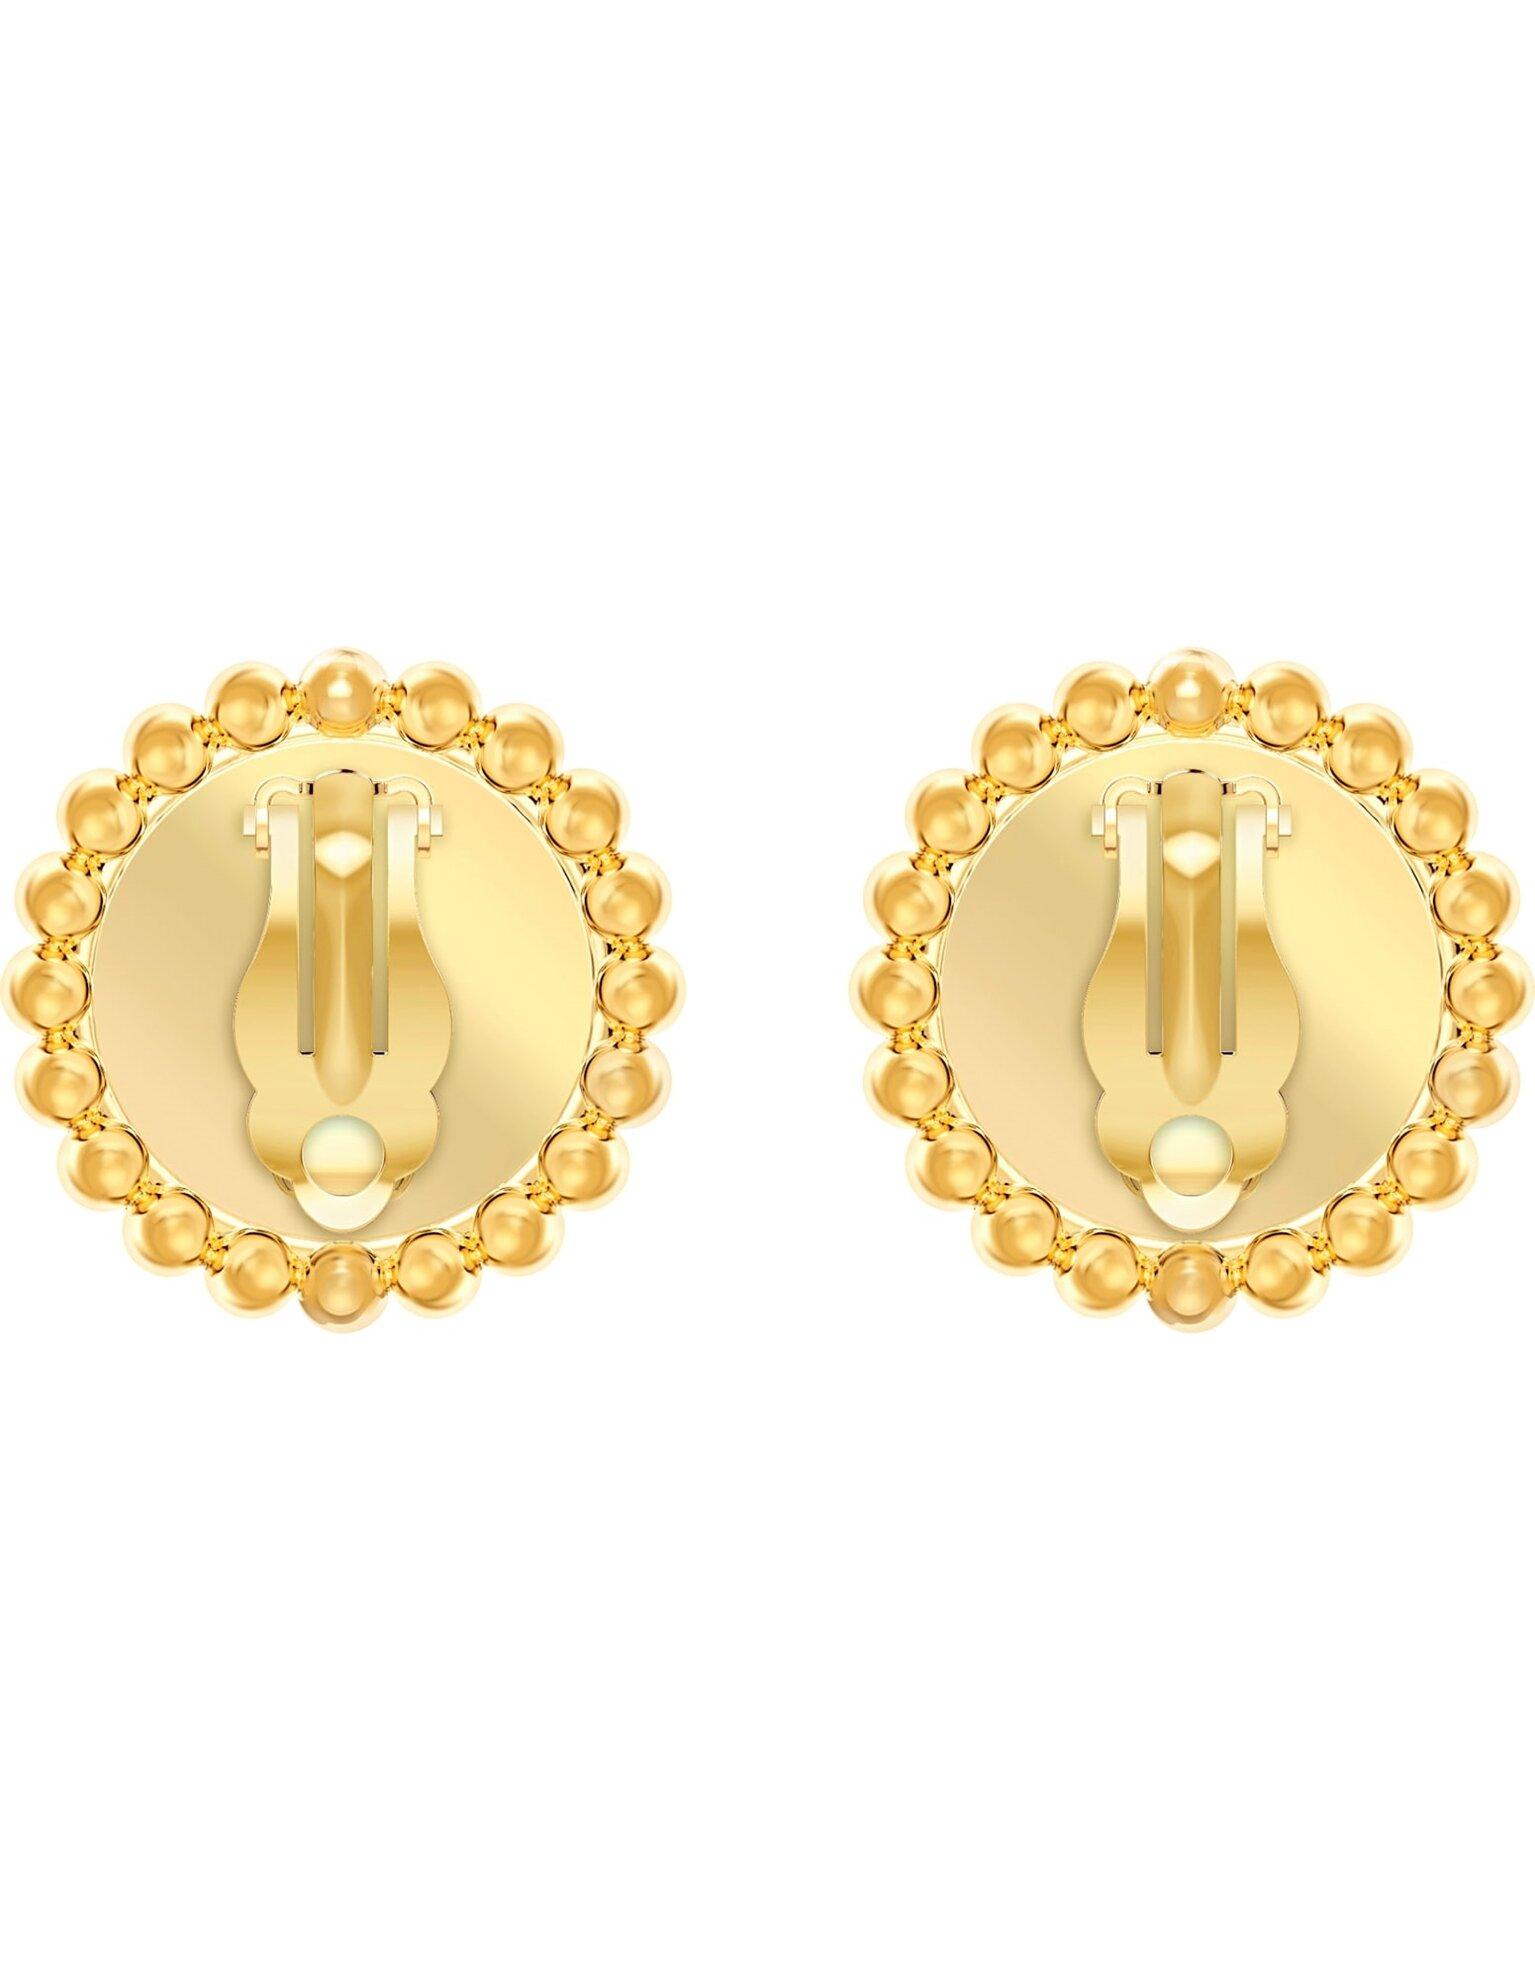 Picture of Lucky Goddess Klipsli Küpeler, Beyaz, Altın rengi kaplama